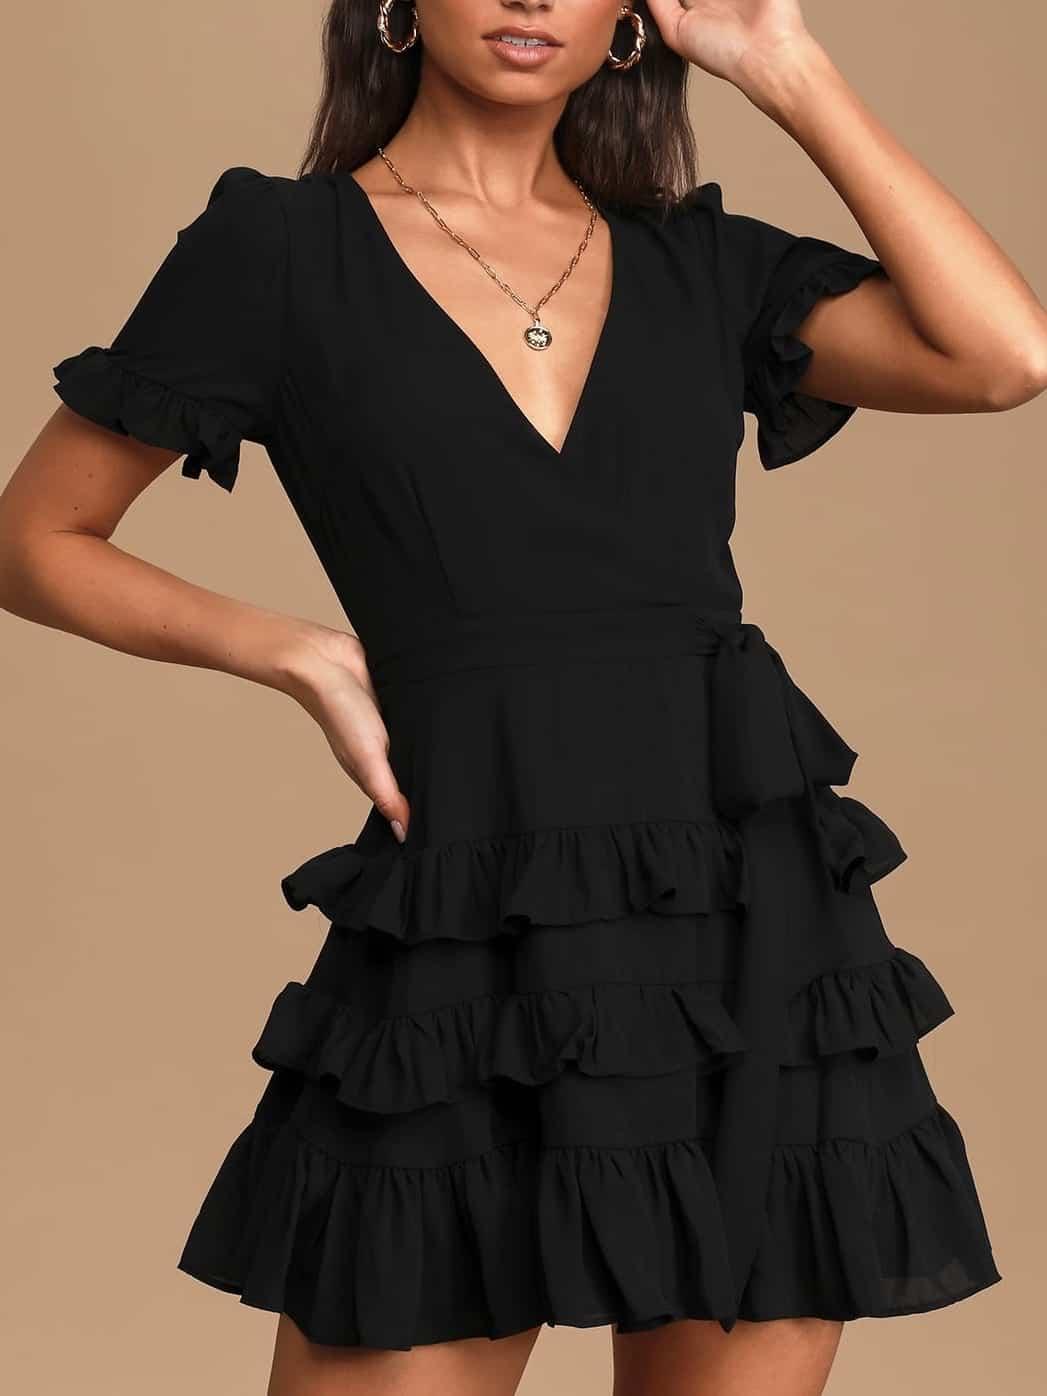 sorority rush dress